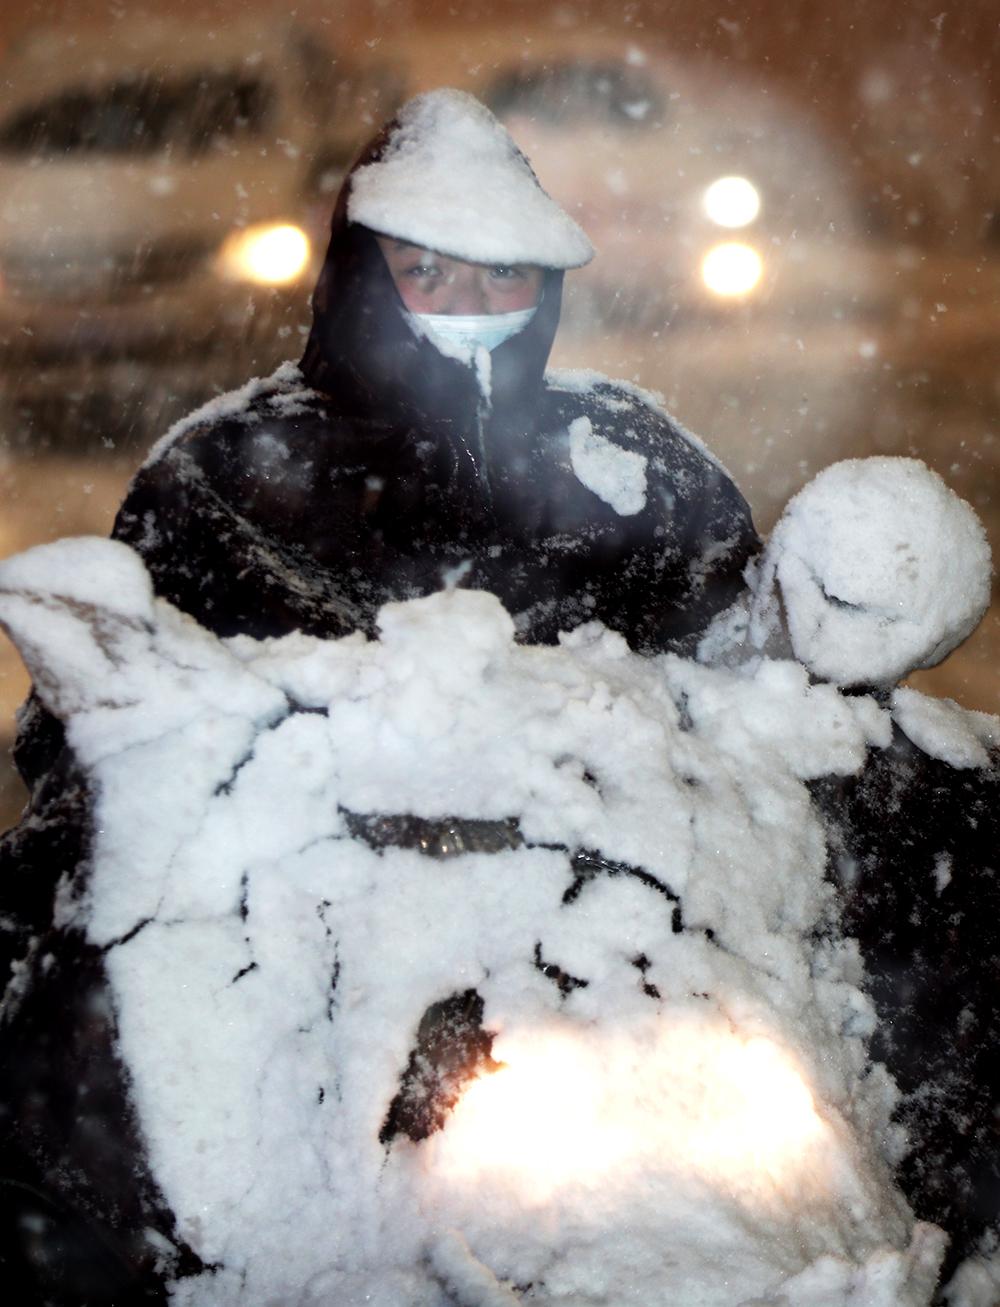 2021年2月24日晚,郑州市民冒雪出行,雨披上的积雪能看出雪有多大。